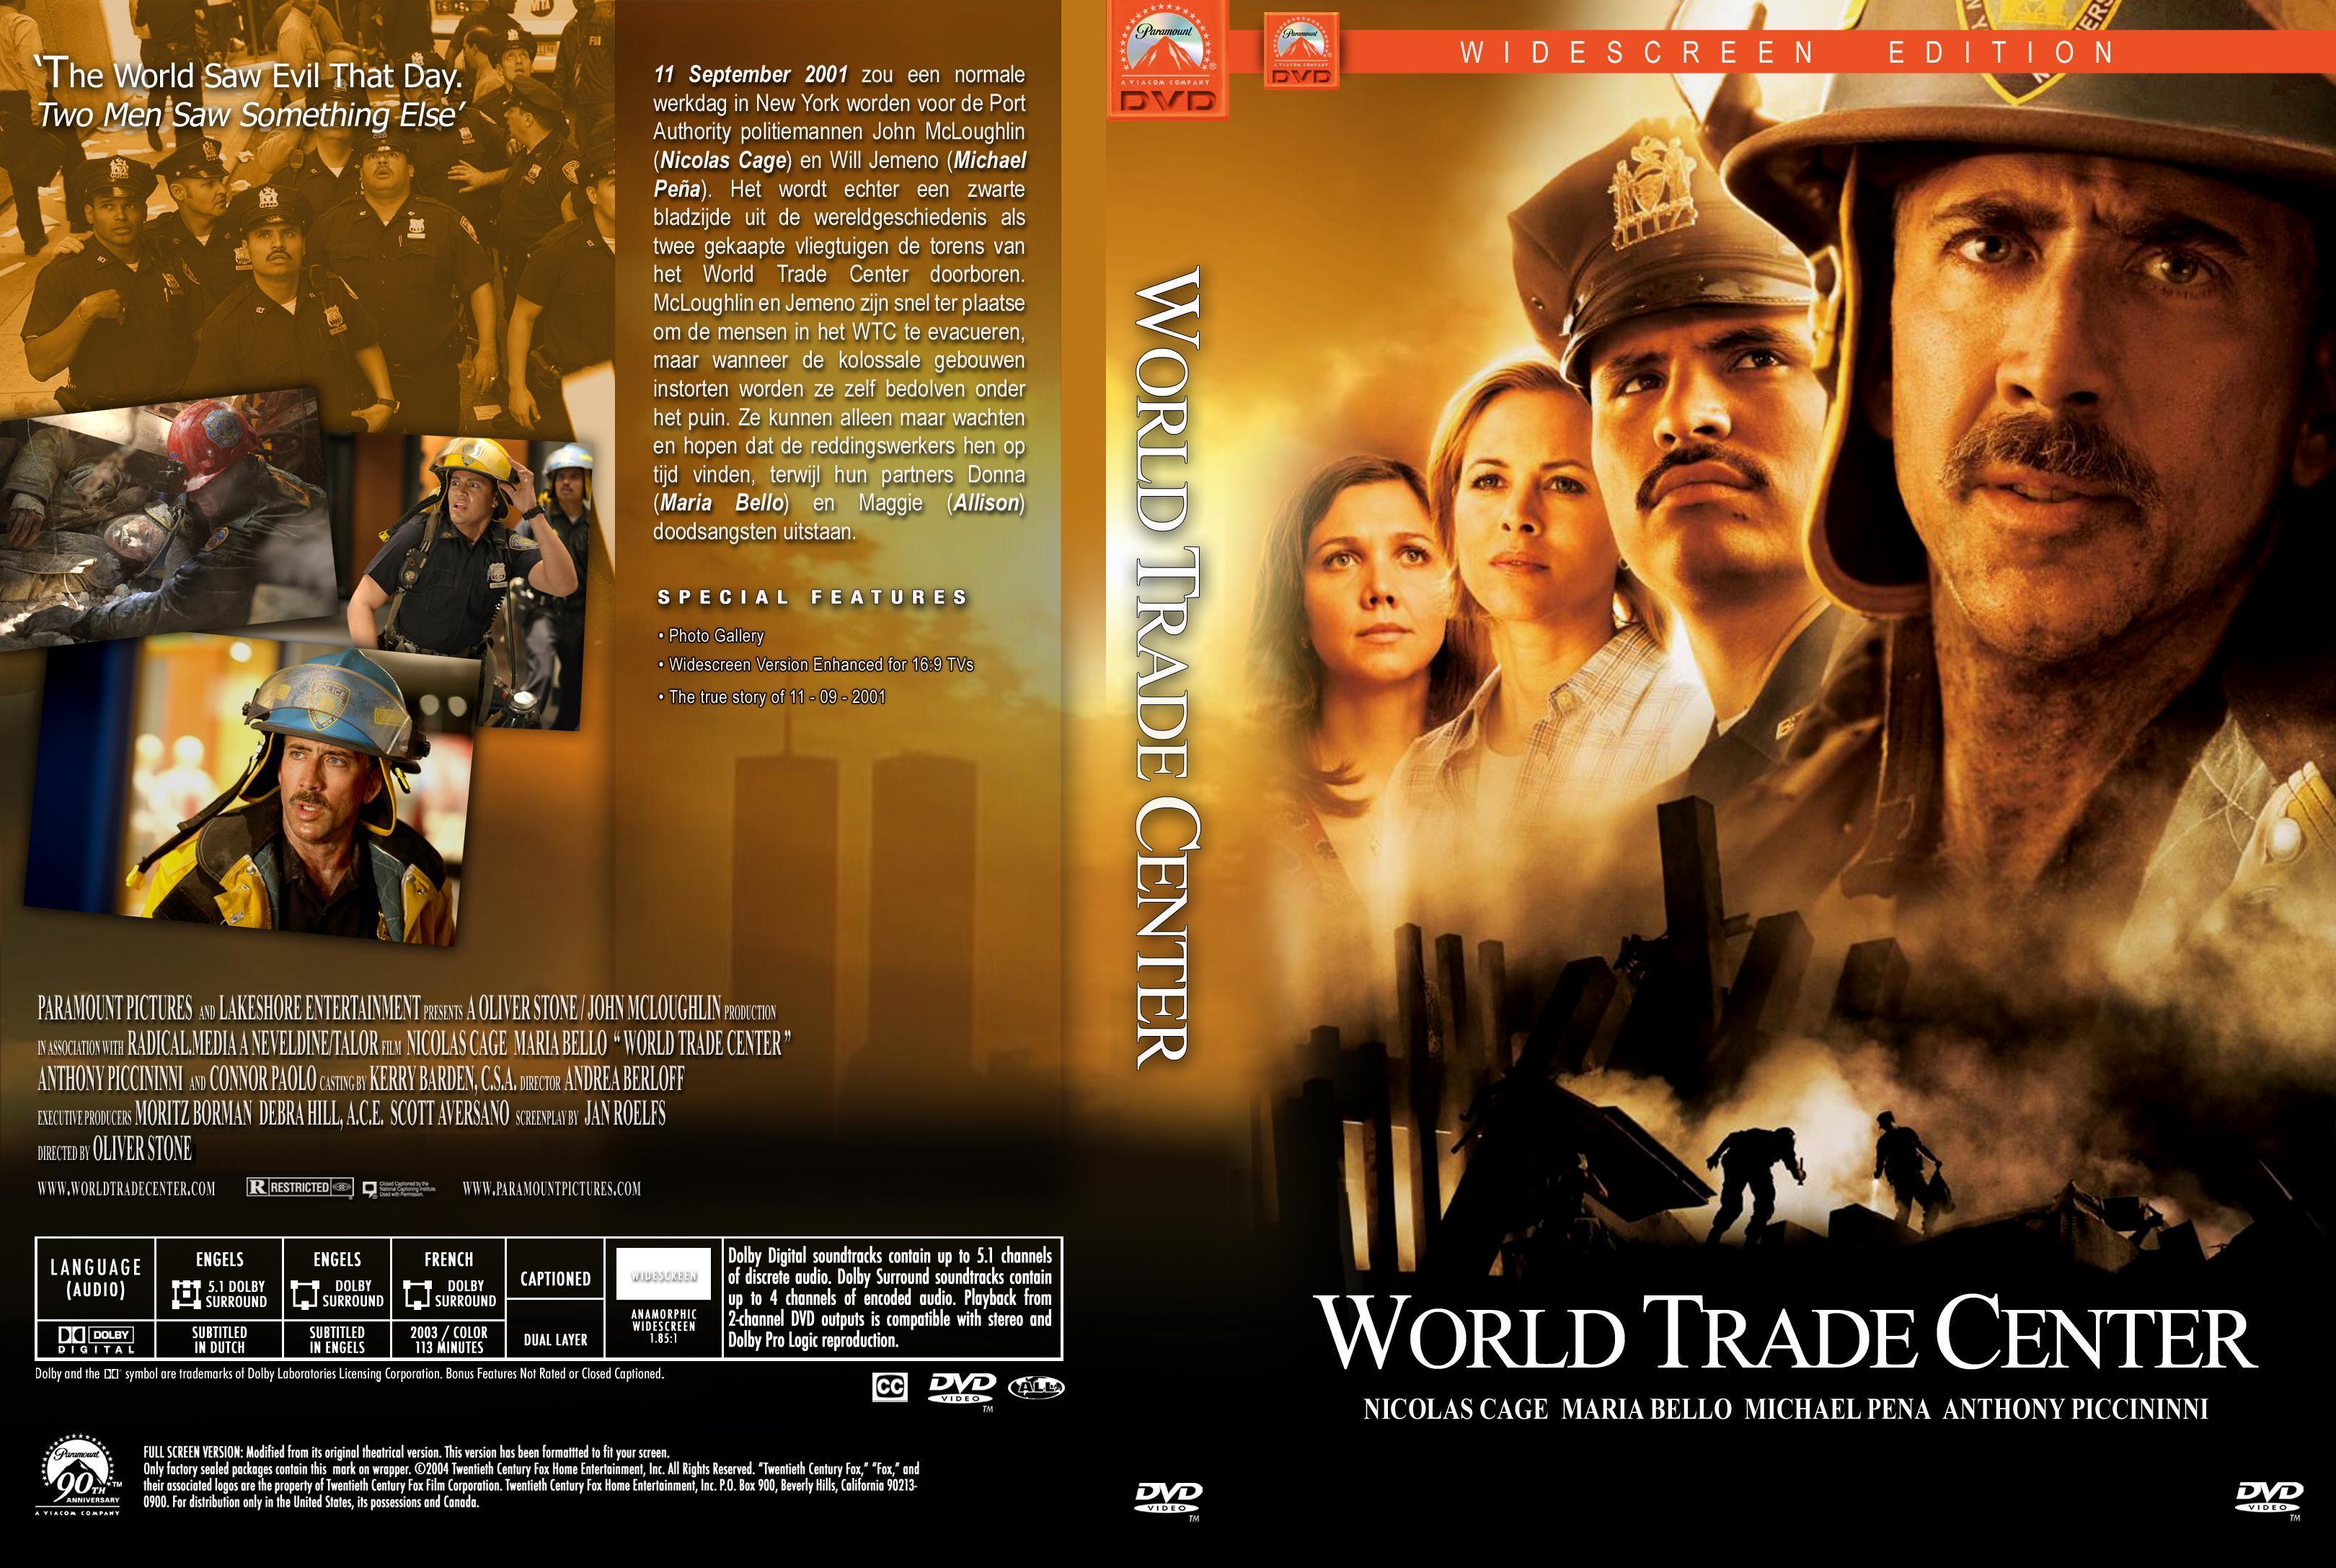 world trade center movie download